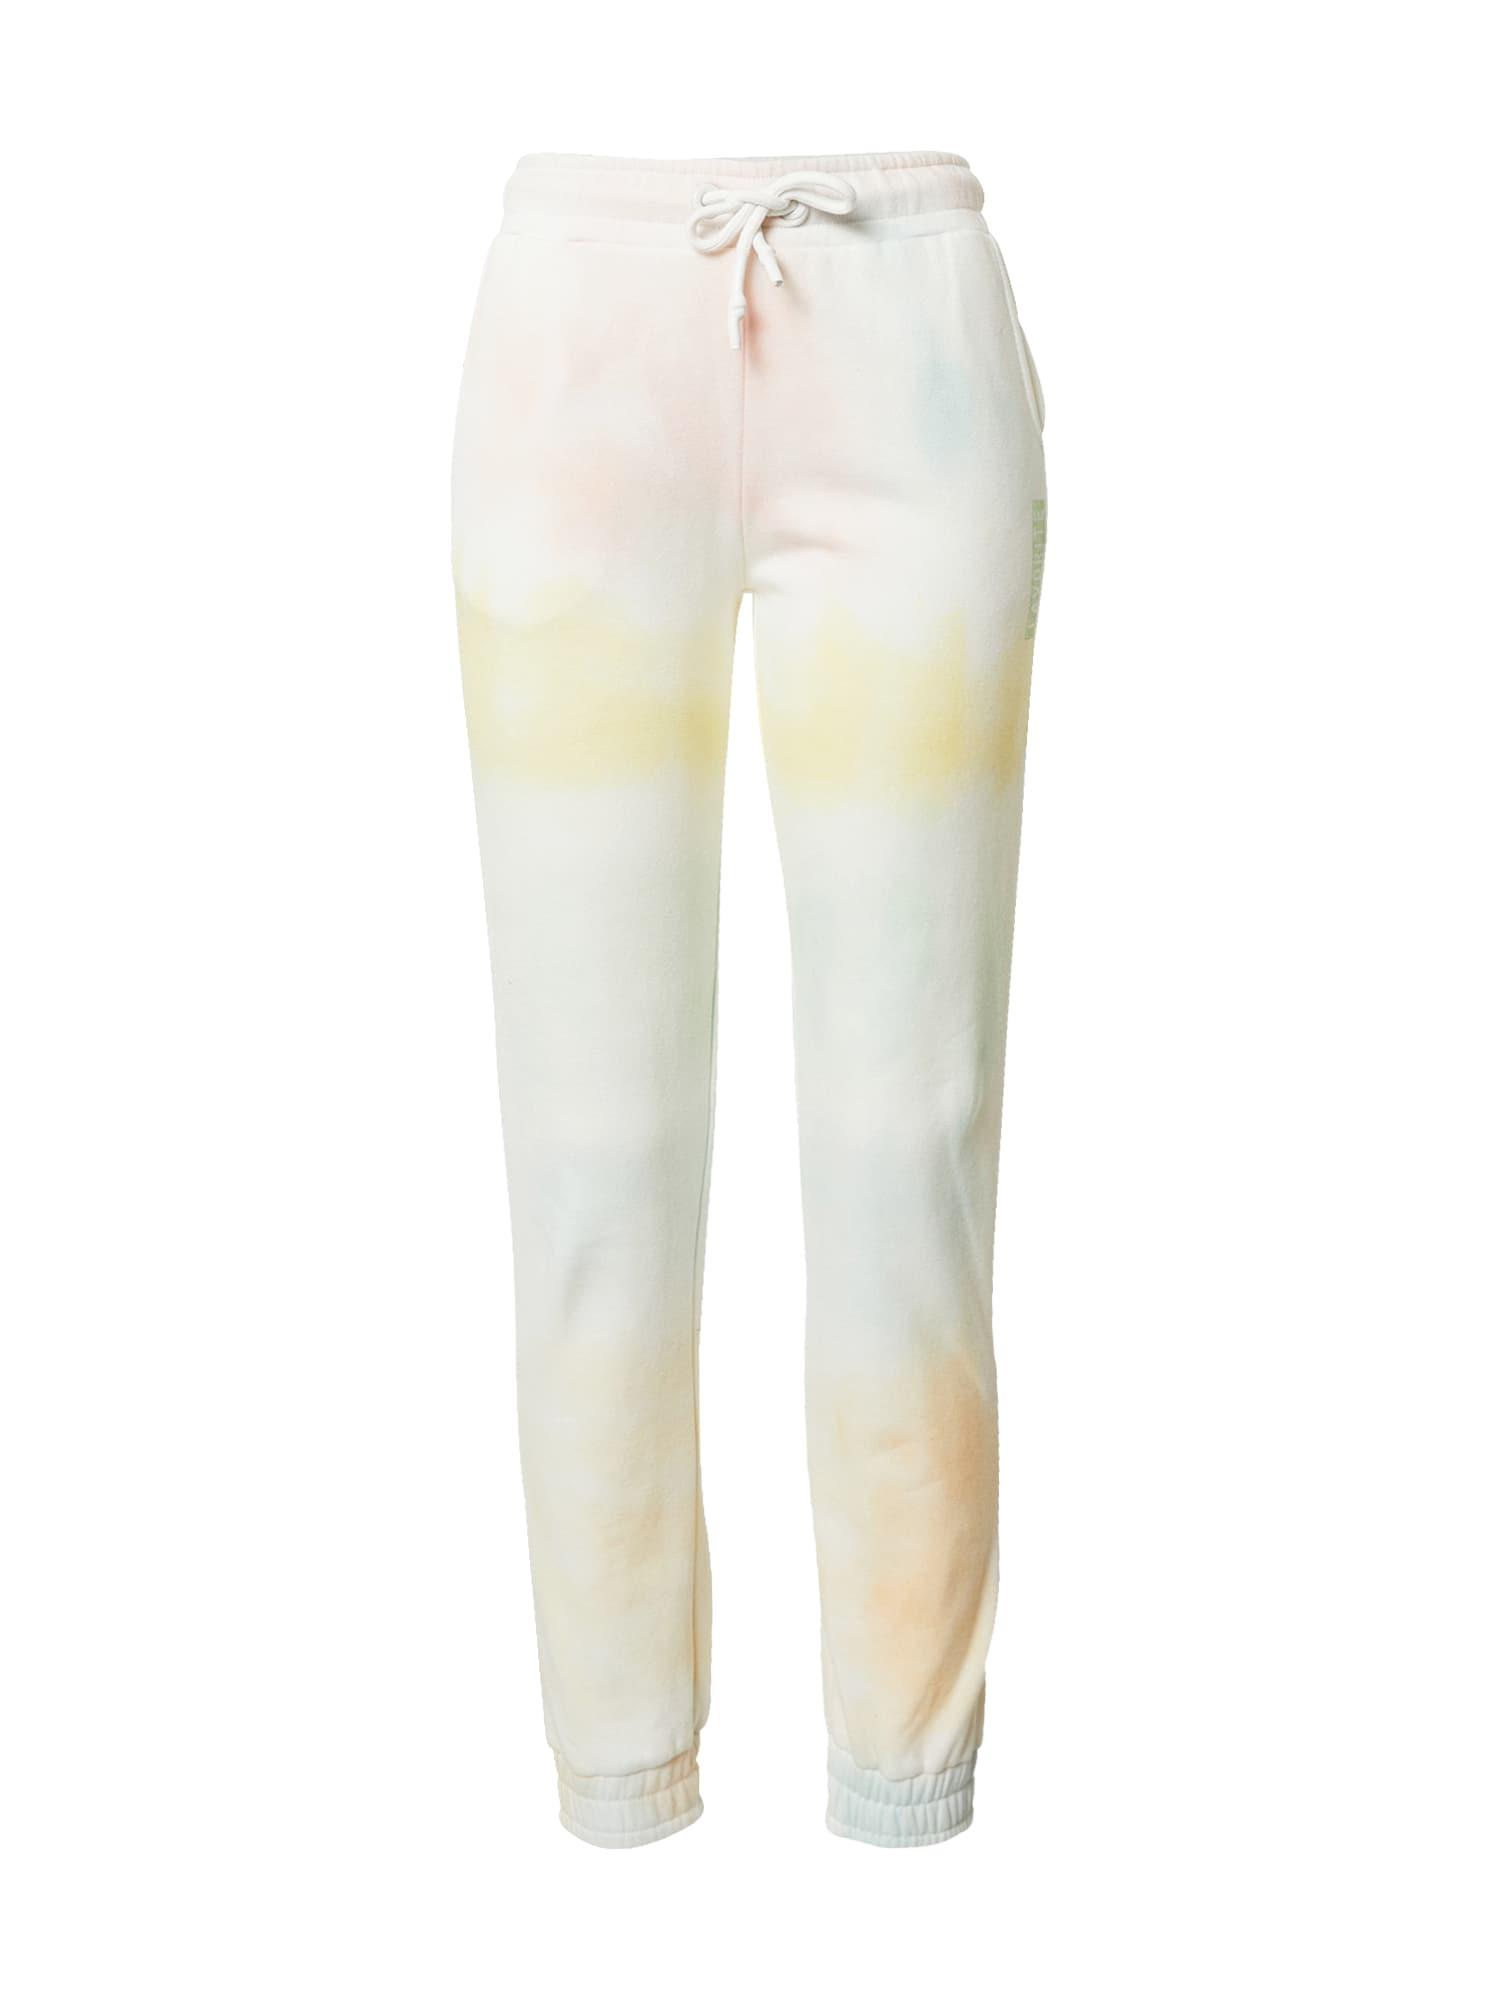 Princess Pantalon 'Patik'  - MéLange De Couleurs - Taille: 42 - female